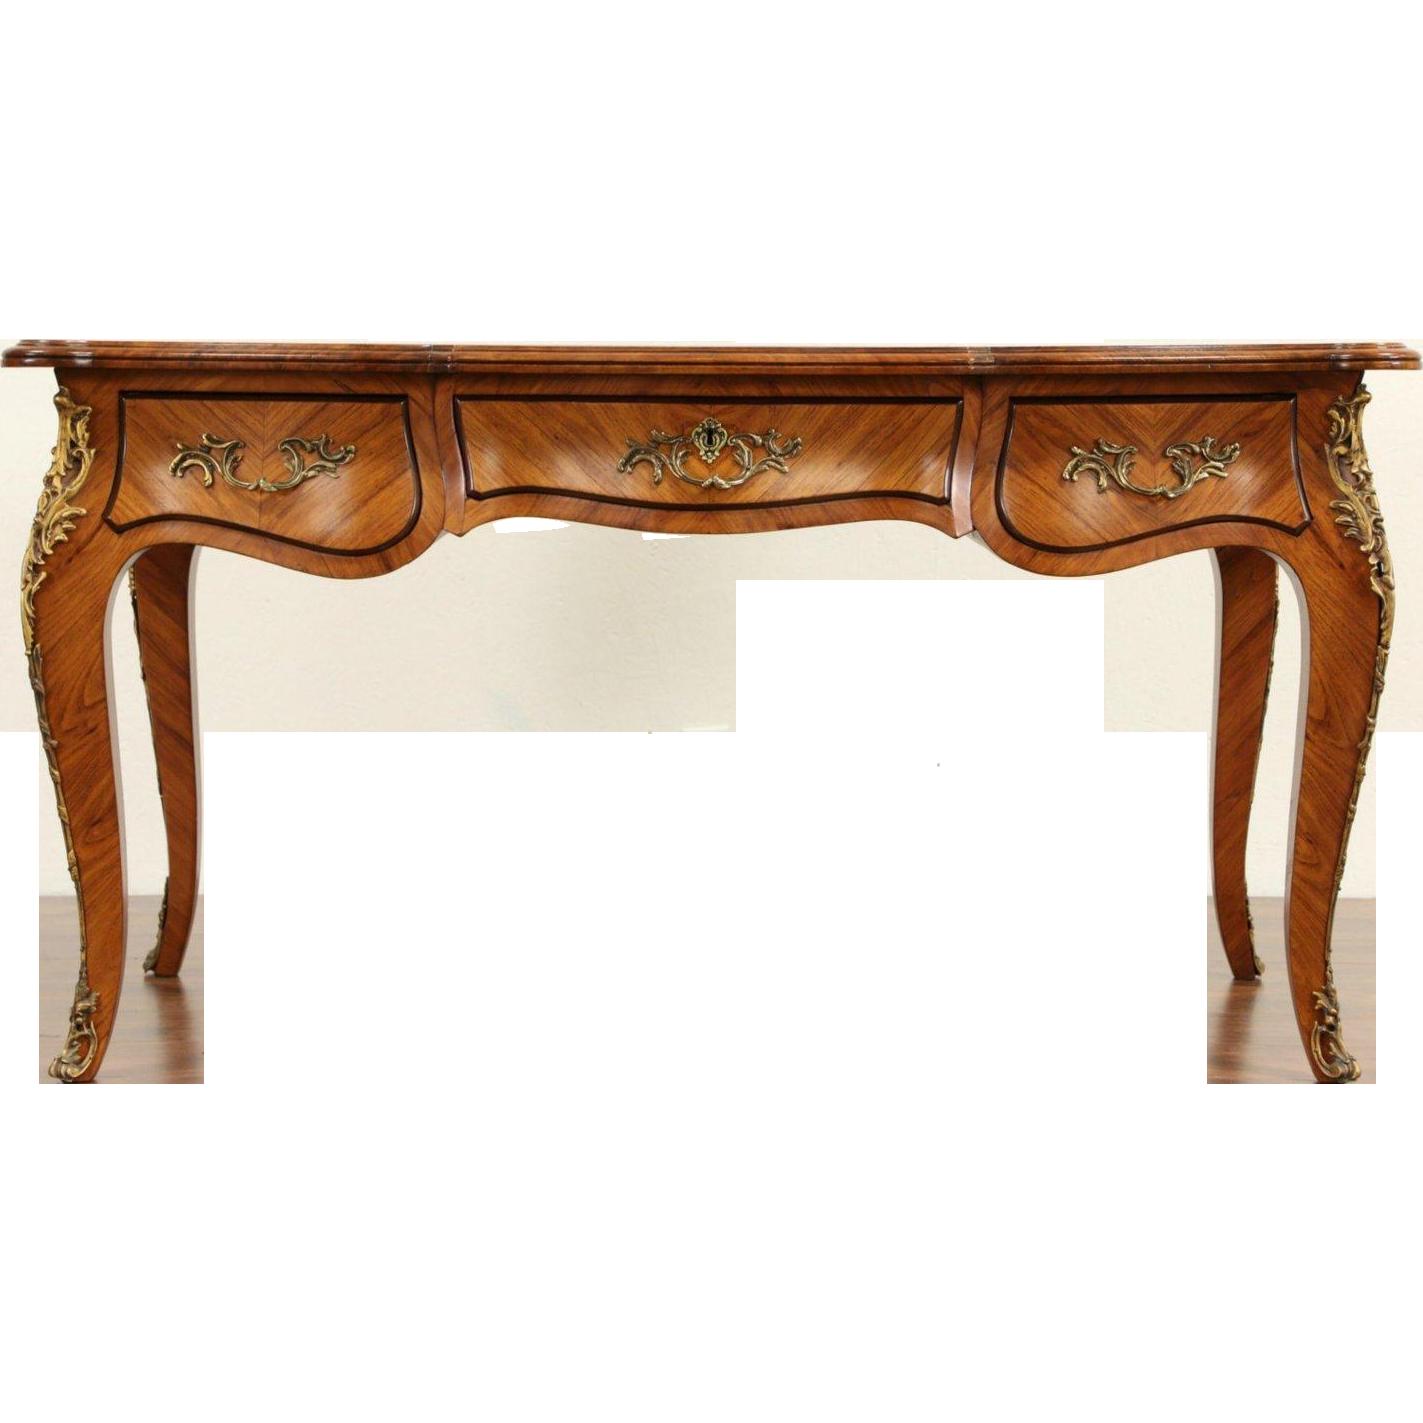 French louis xiv 1900 39 s antique tulipwood bureau plat desk for Bureau french